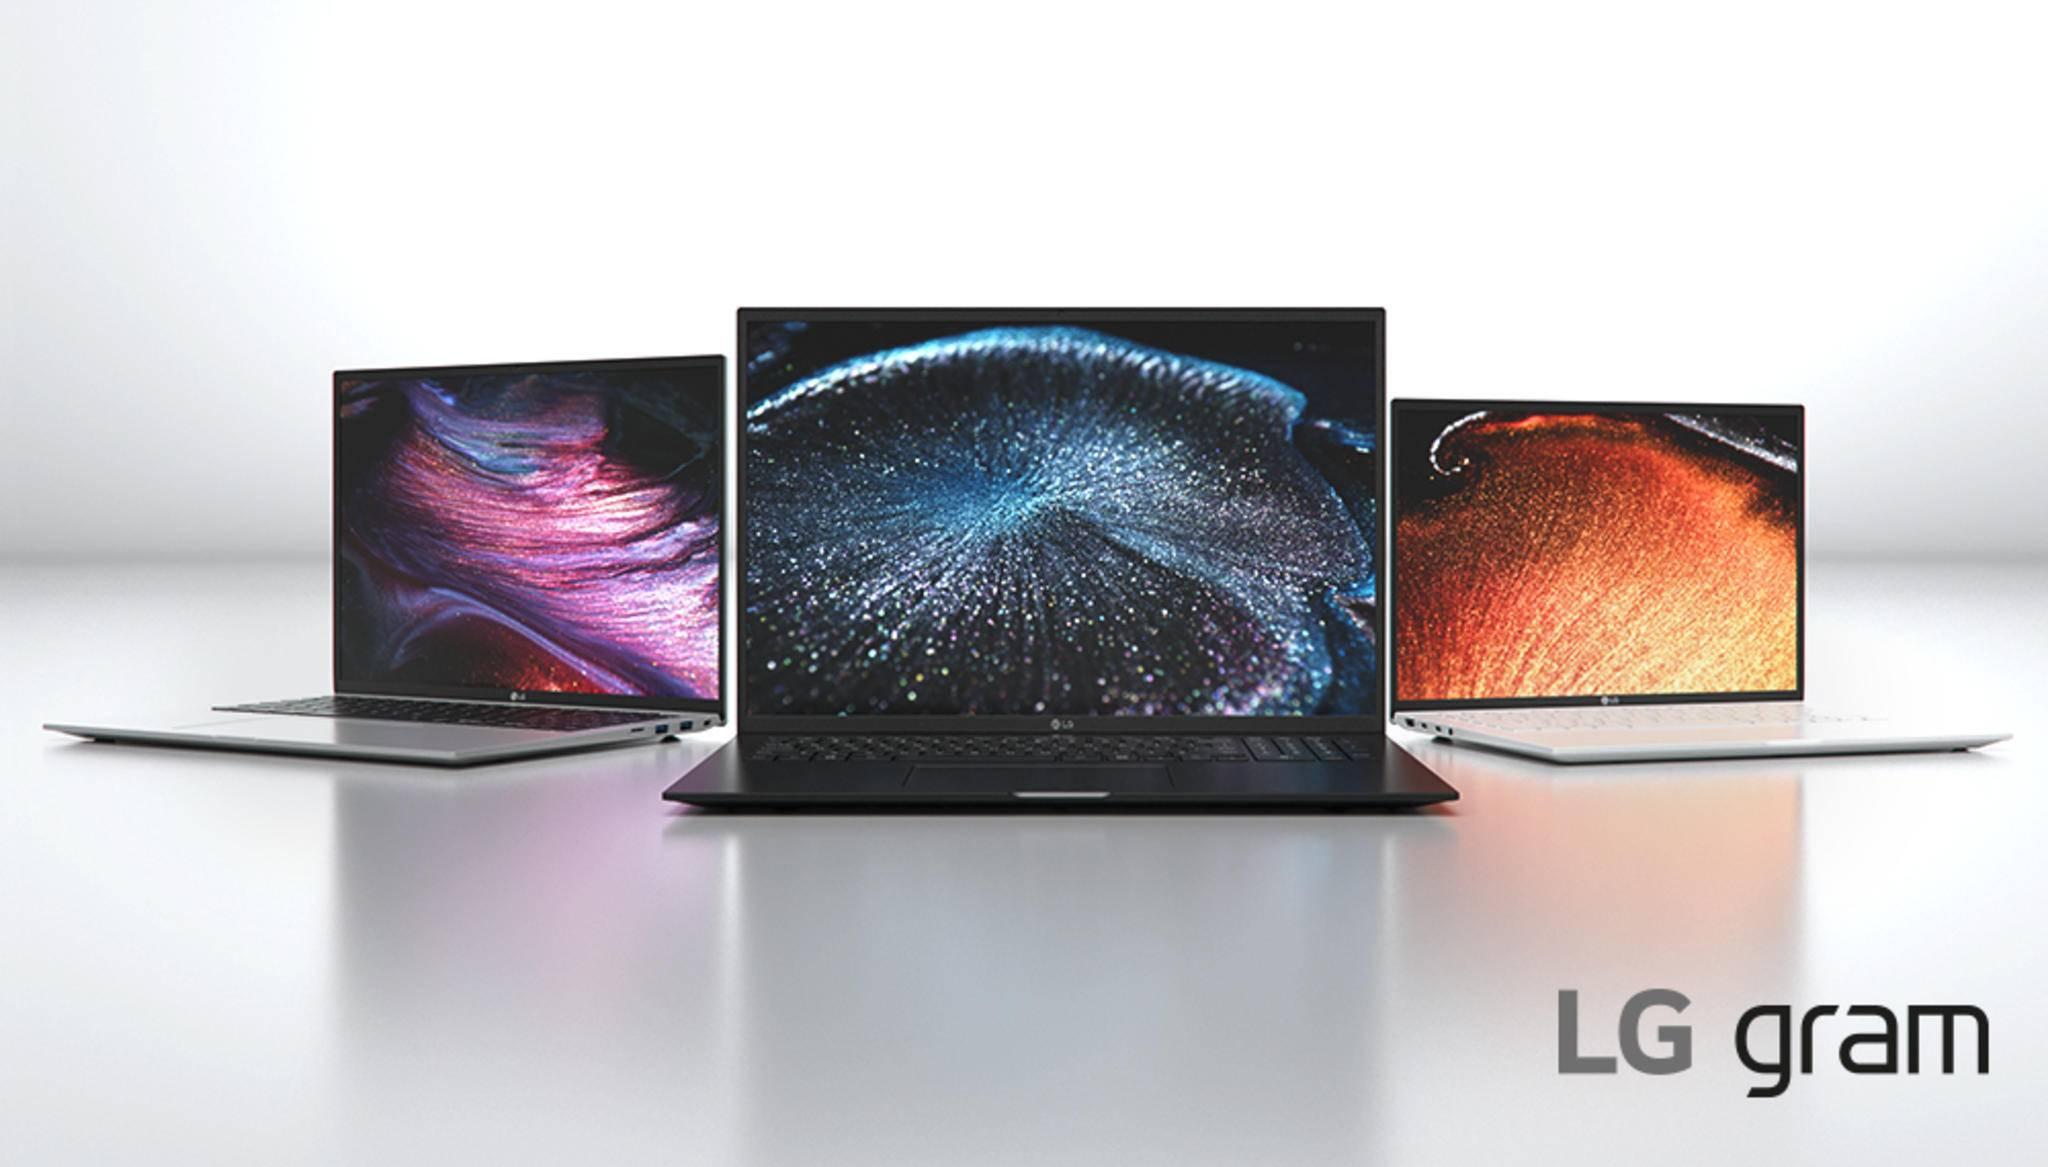 2021-LG-gram-Lineup